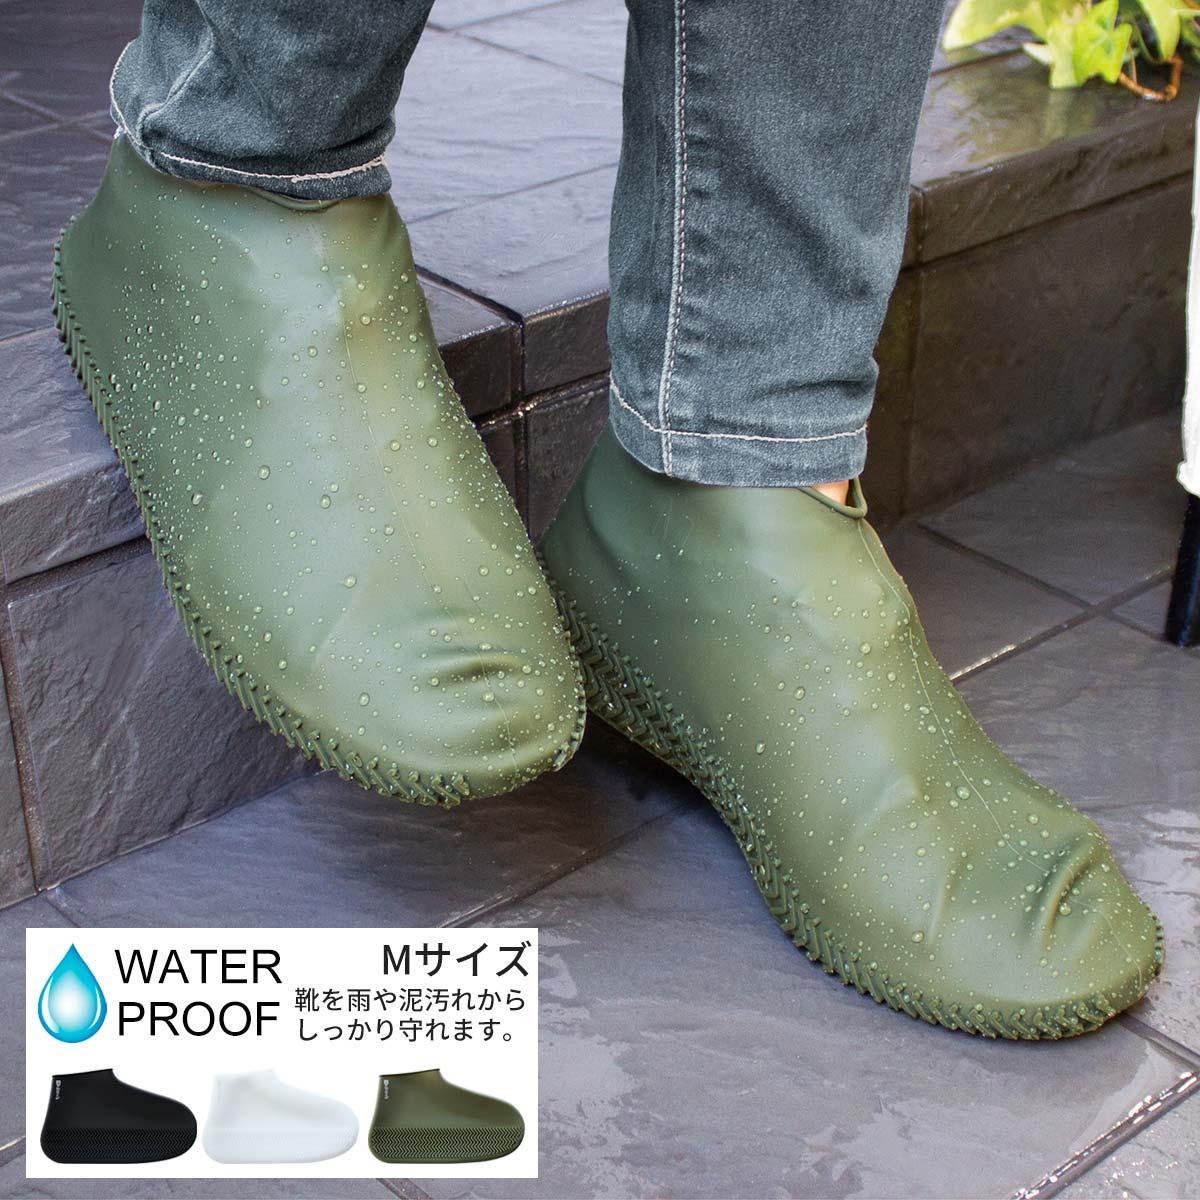 【最大2000円OFFクーポン】Kateva 防水シューズカバー Mサイズ 22.5-25.5cm 履いている靴に被せるだけのシューズカバー カラー3色 全国送料無料 スマートレター配達 ※ポスト投函になります。